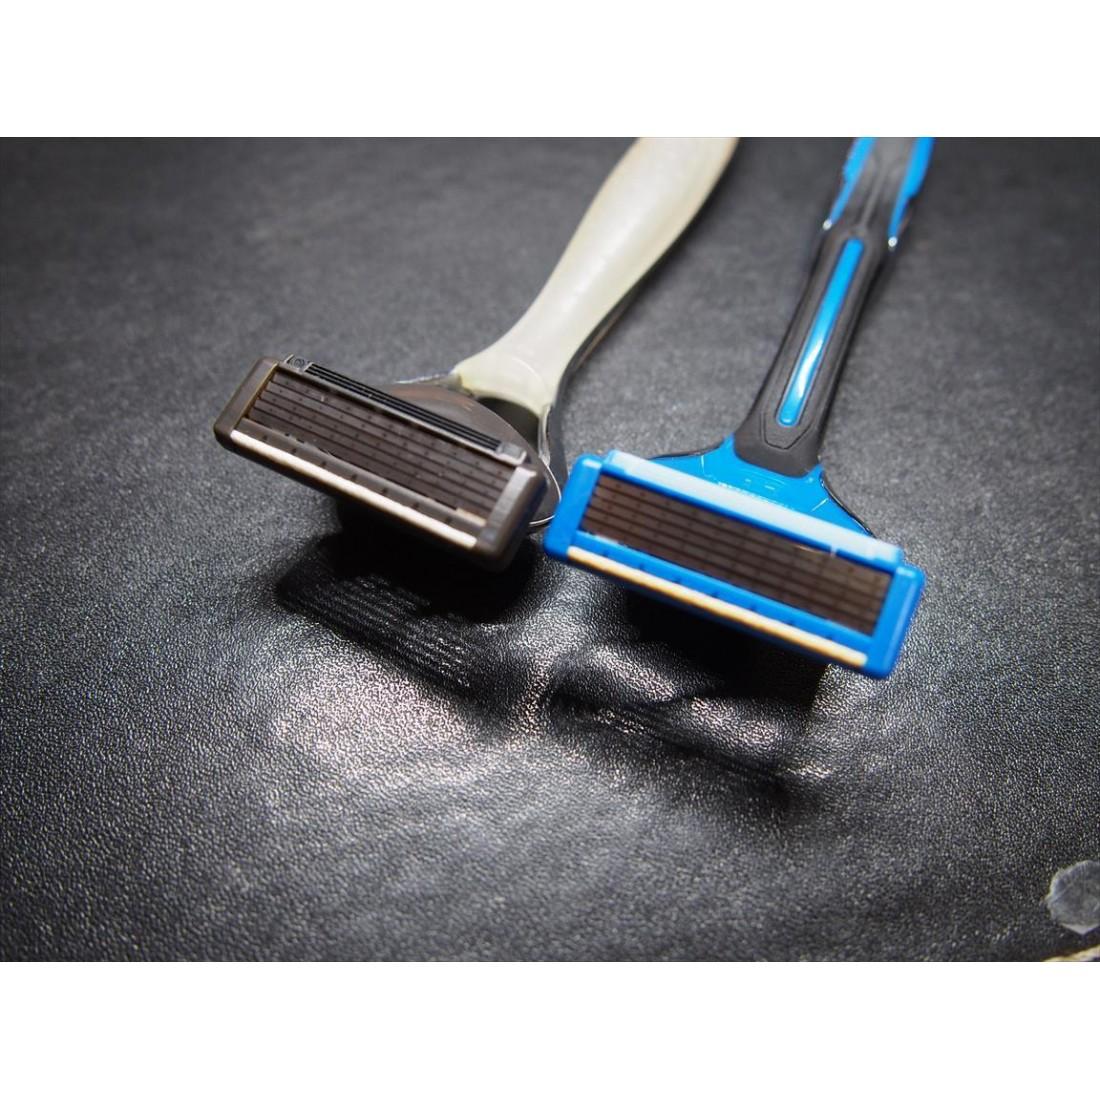 Dao cạo 5 lưỡi kép KAI (1 thân, 1 lưỡi)-Thế giới đồ gia dụng HMD